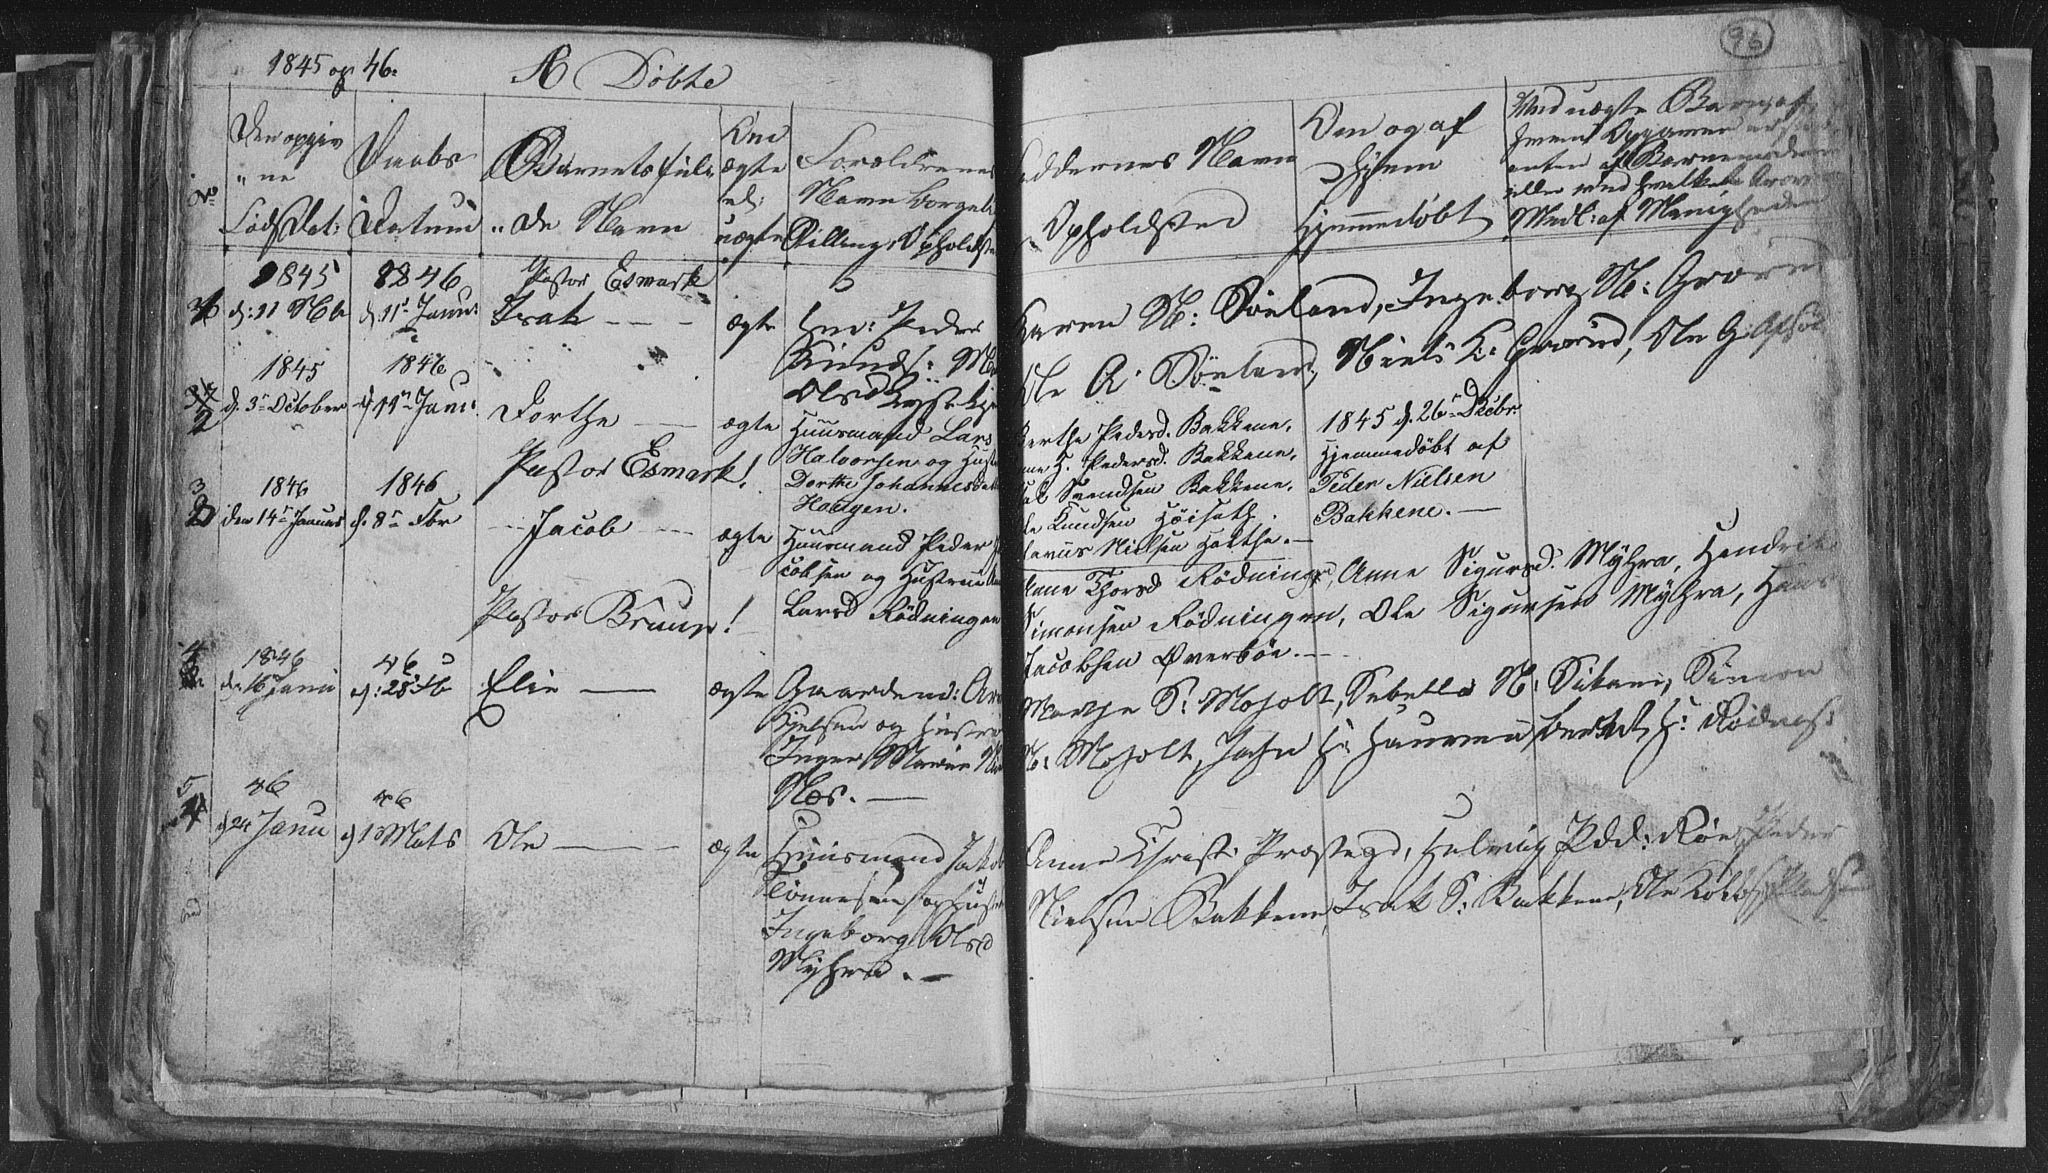 SAKO, Siljan kirkebøker, G/Ga/L0001: Klokkerbok nr. 1, 1827-1847, s. 96